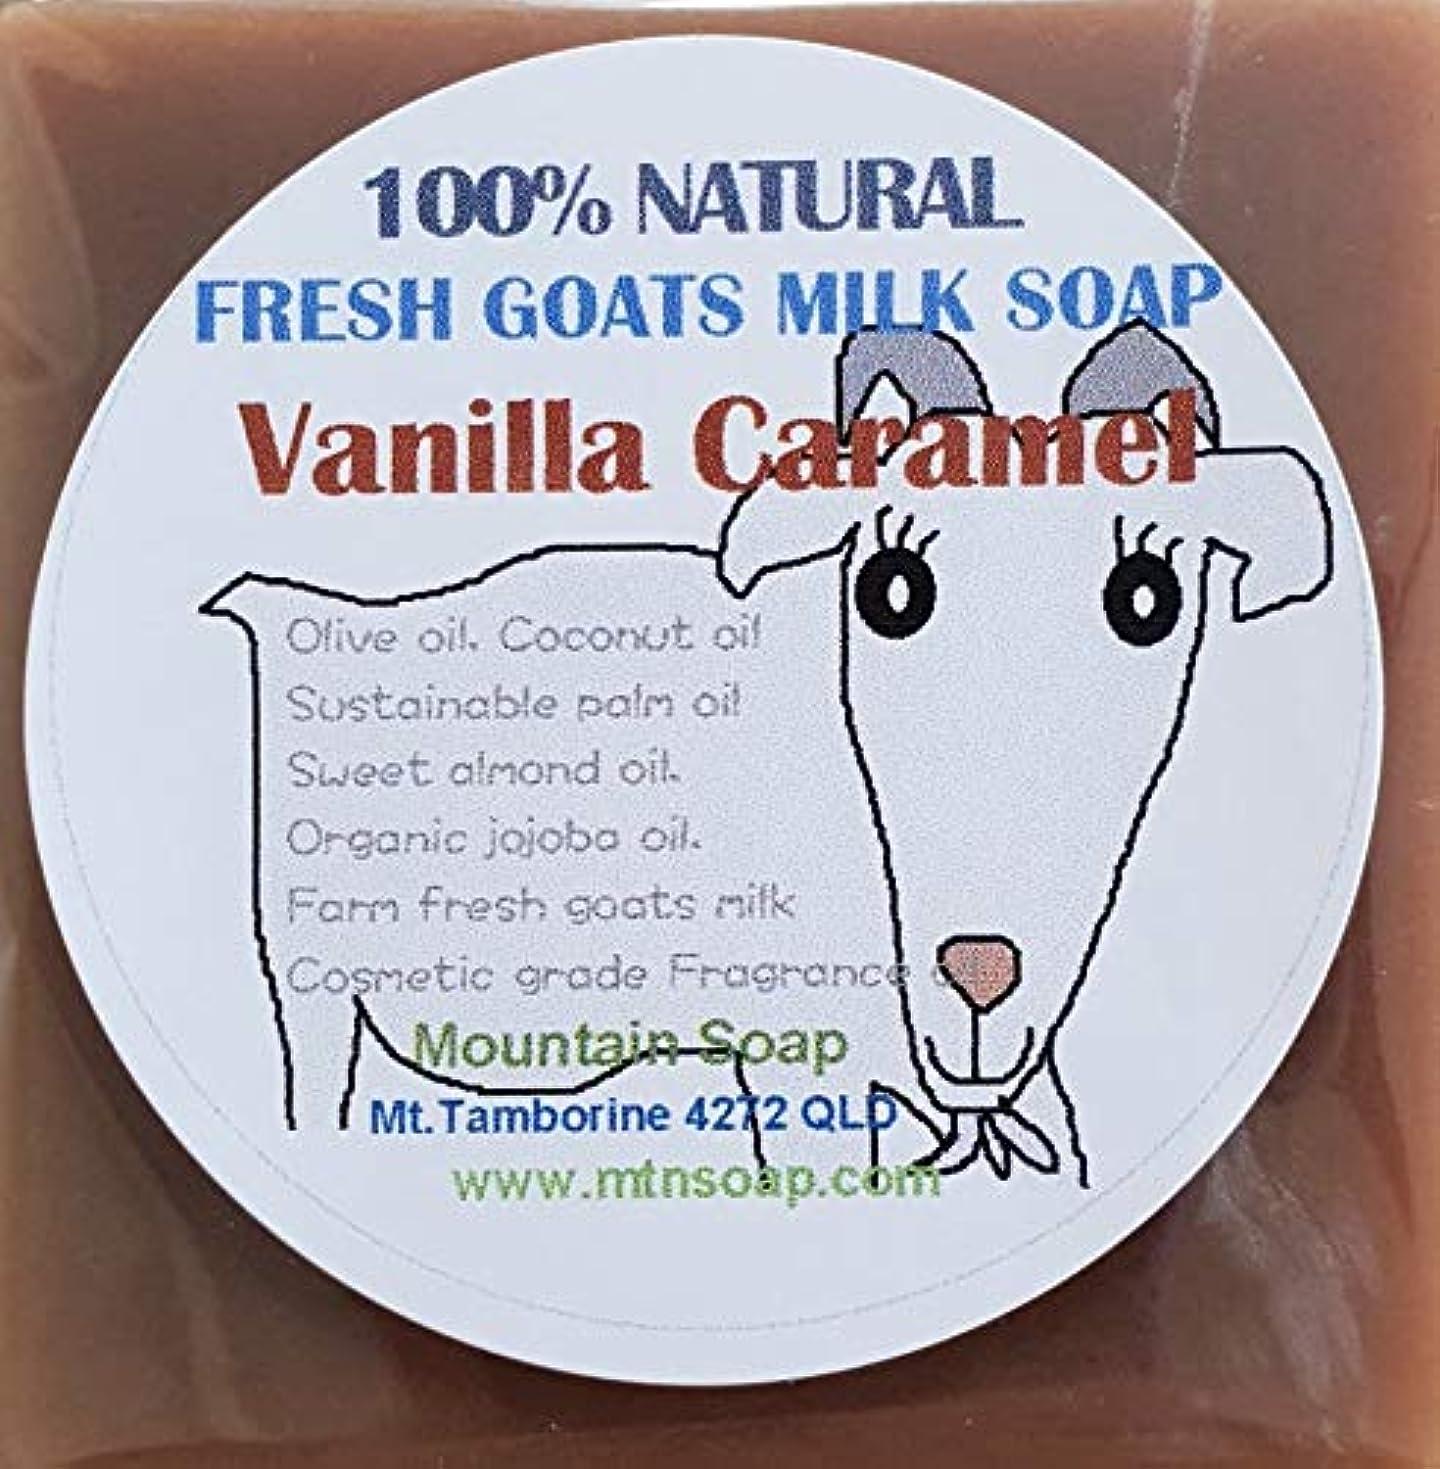 高速道路シリングますます【Mountain Soap】農場直送絞りたてゴートミルク生乳使用 ゴートミルク石鹸 バニラキャラメル